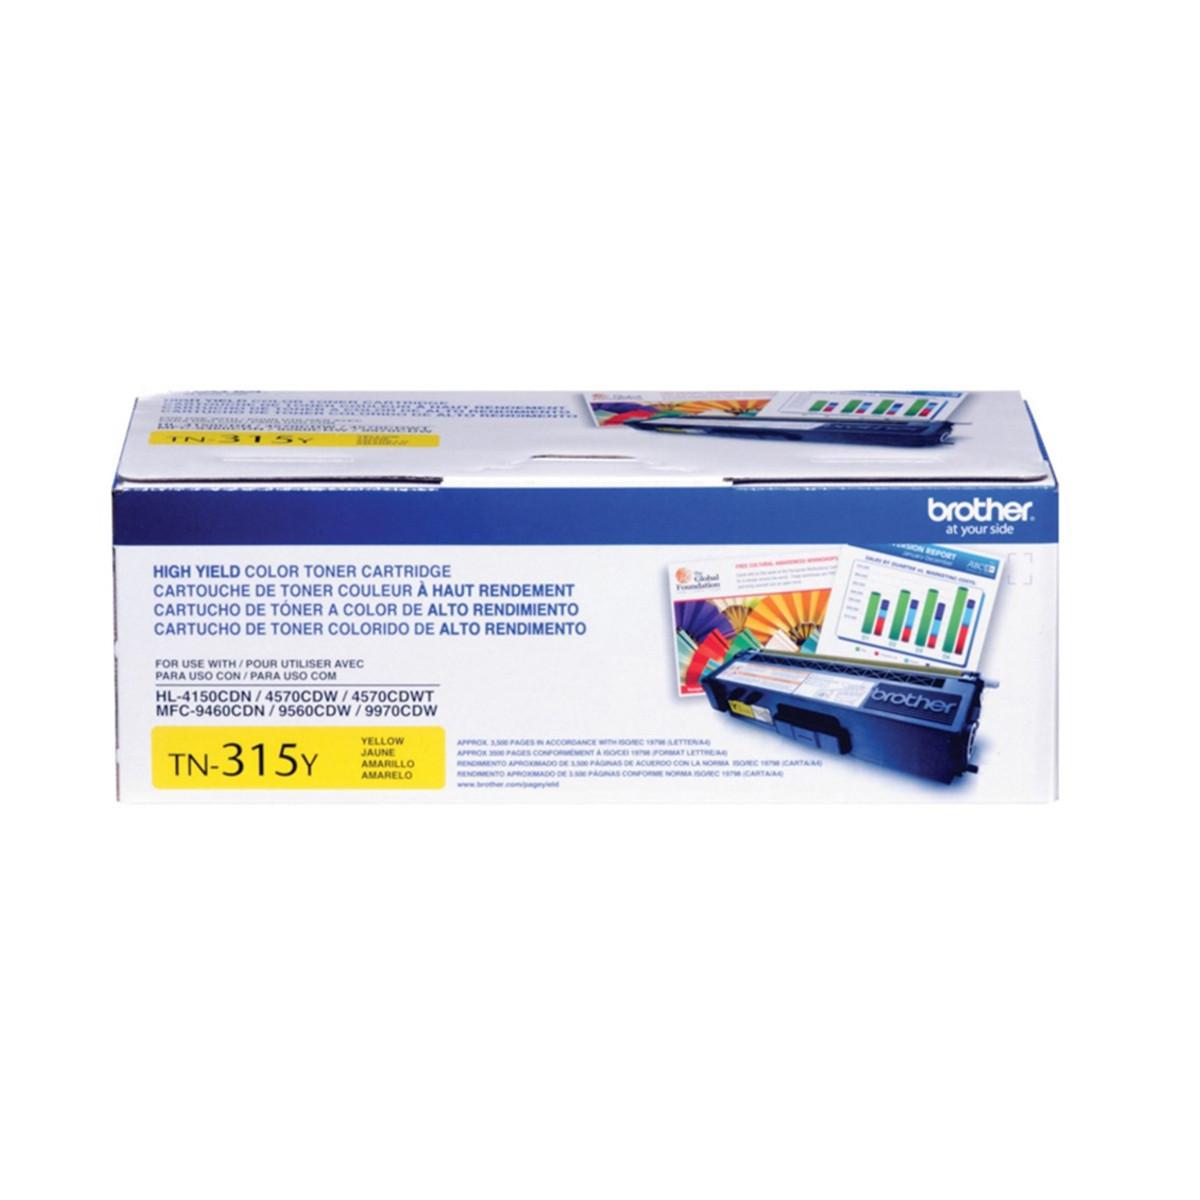 Toner Brother TN315 TN315Y Amarelo | HL4140 MFC9970 HL4150 MFC9460 HL4570 MFC9560 | Original 3.5k